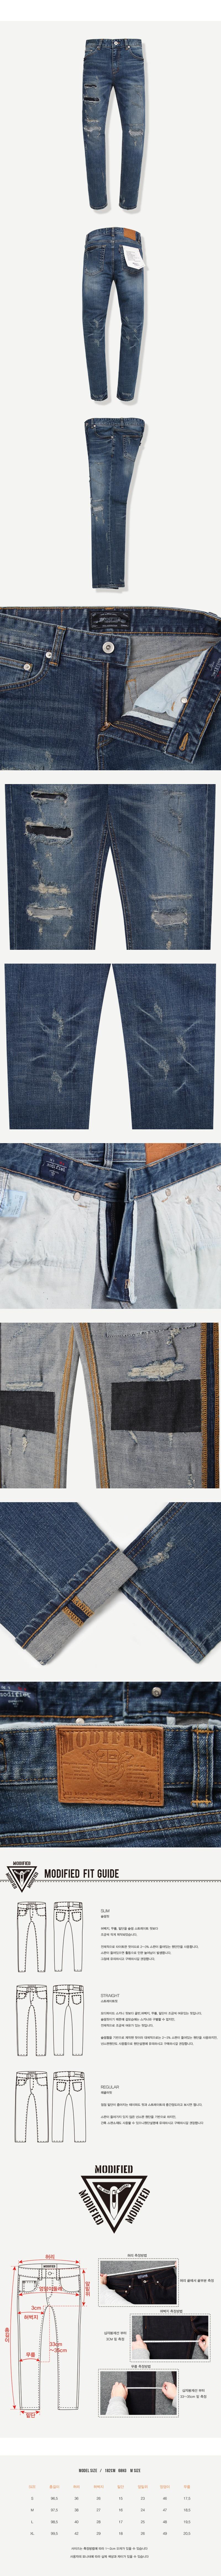 모디파이드(MODIFIED) M#0923 crush repaired crop jeans